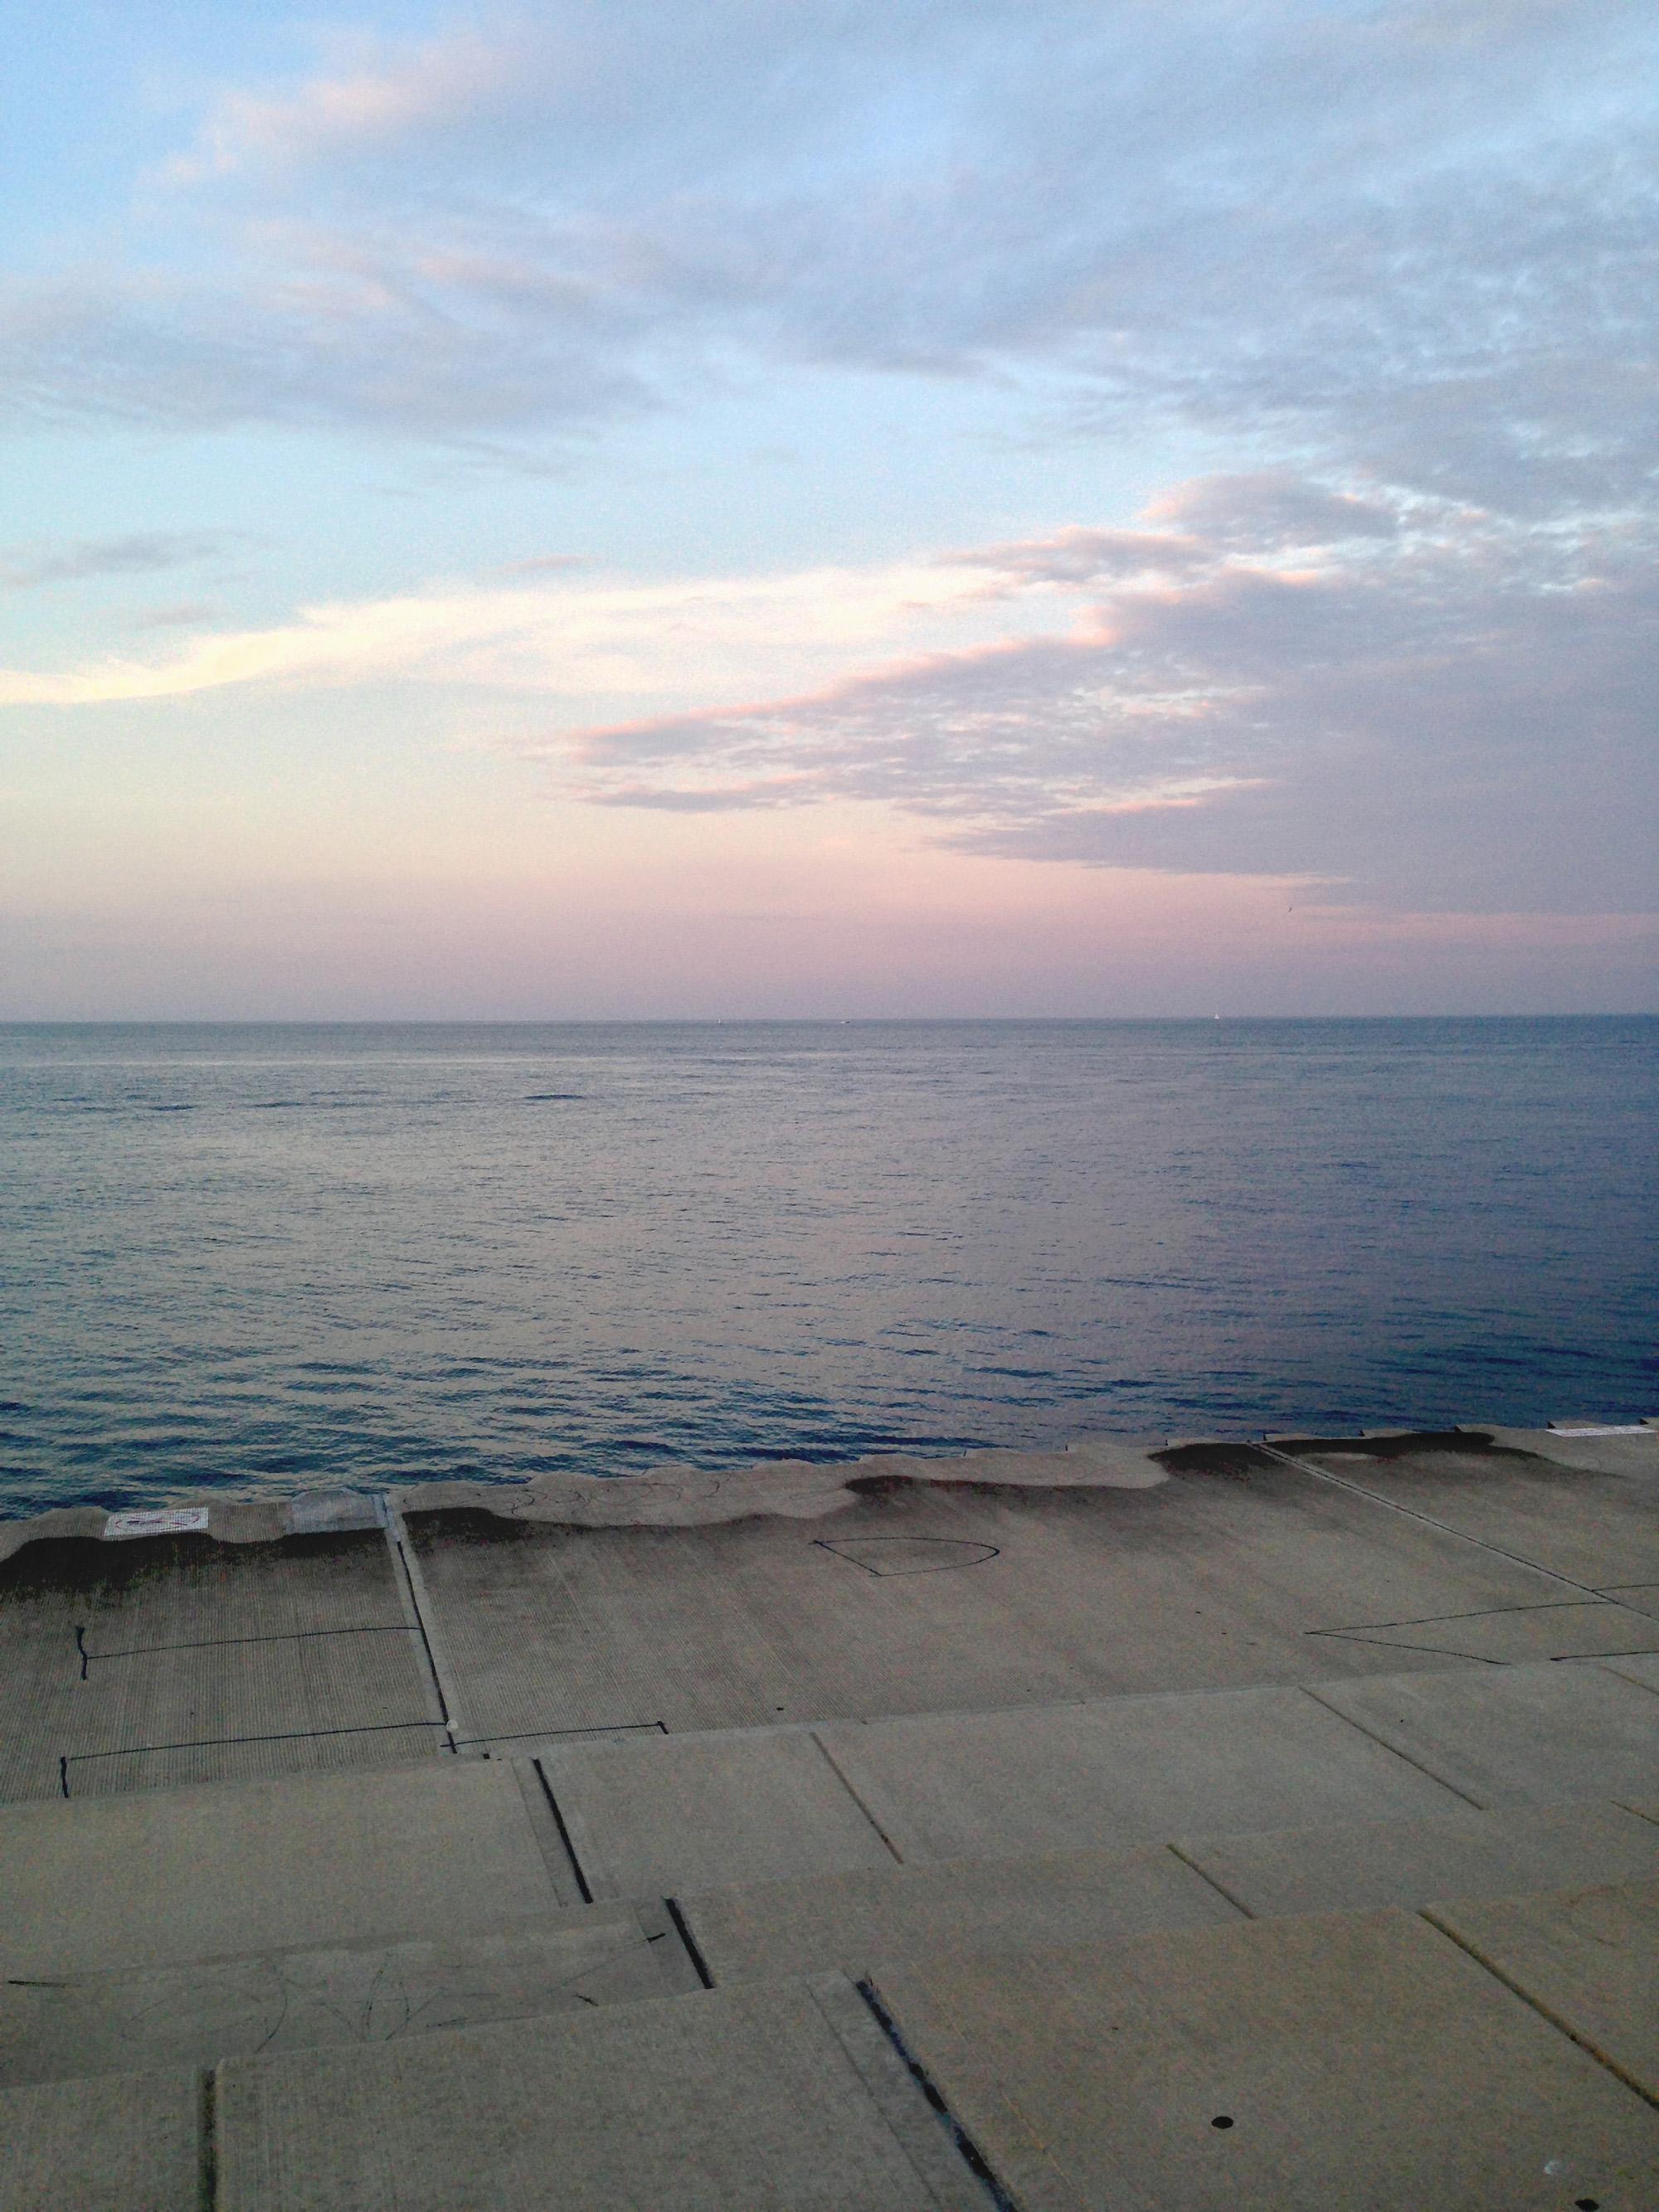 Lake Michigan, Chicago IL